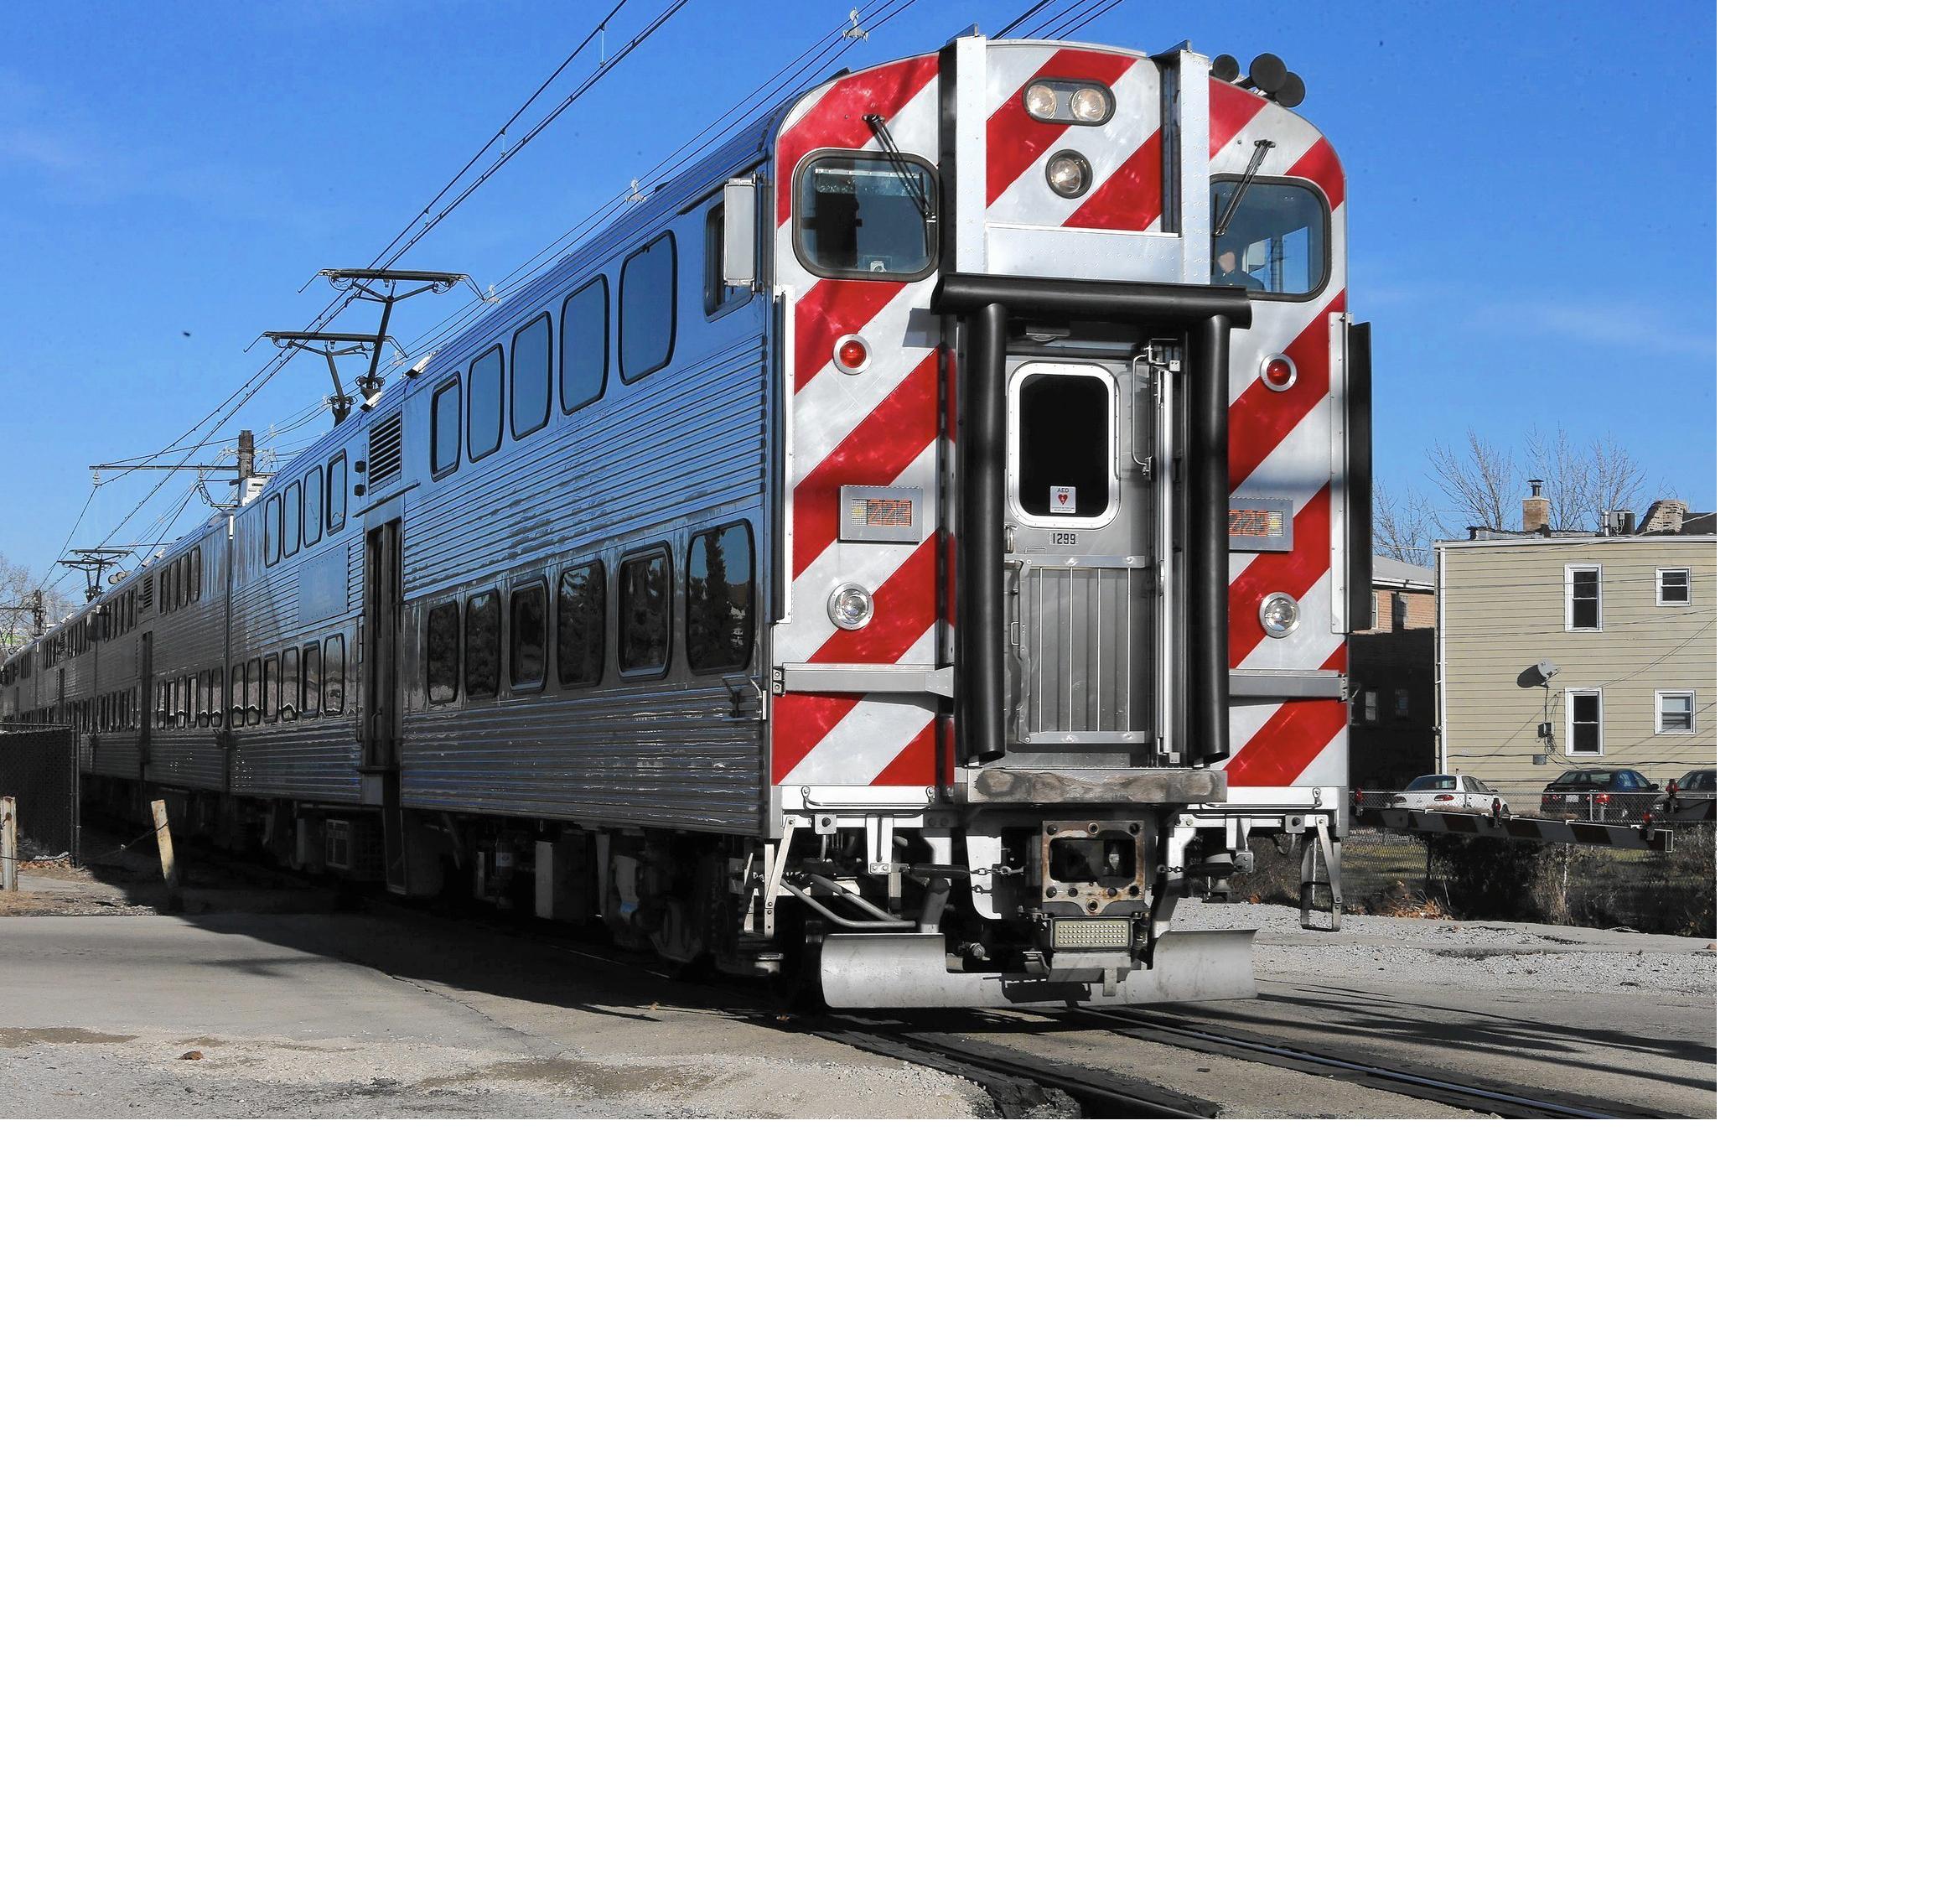 Metra Rail